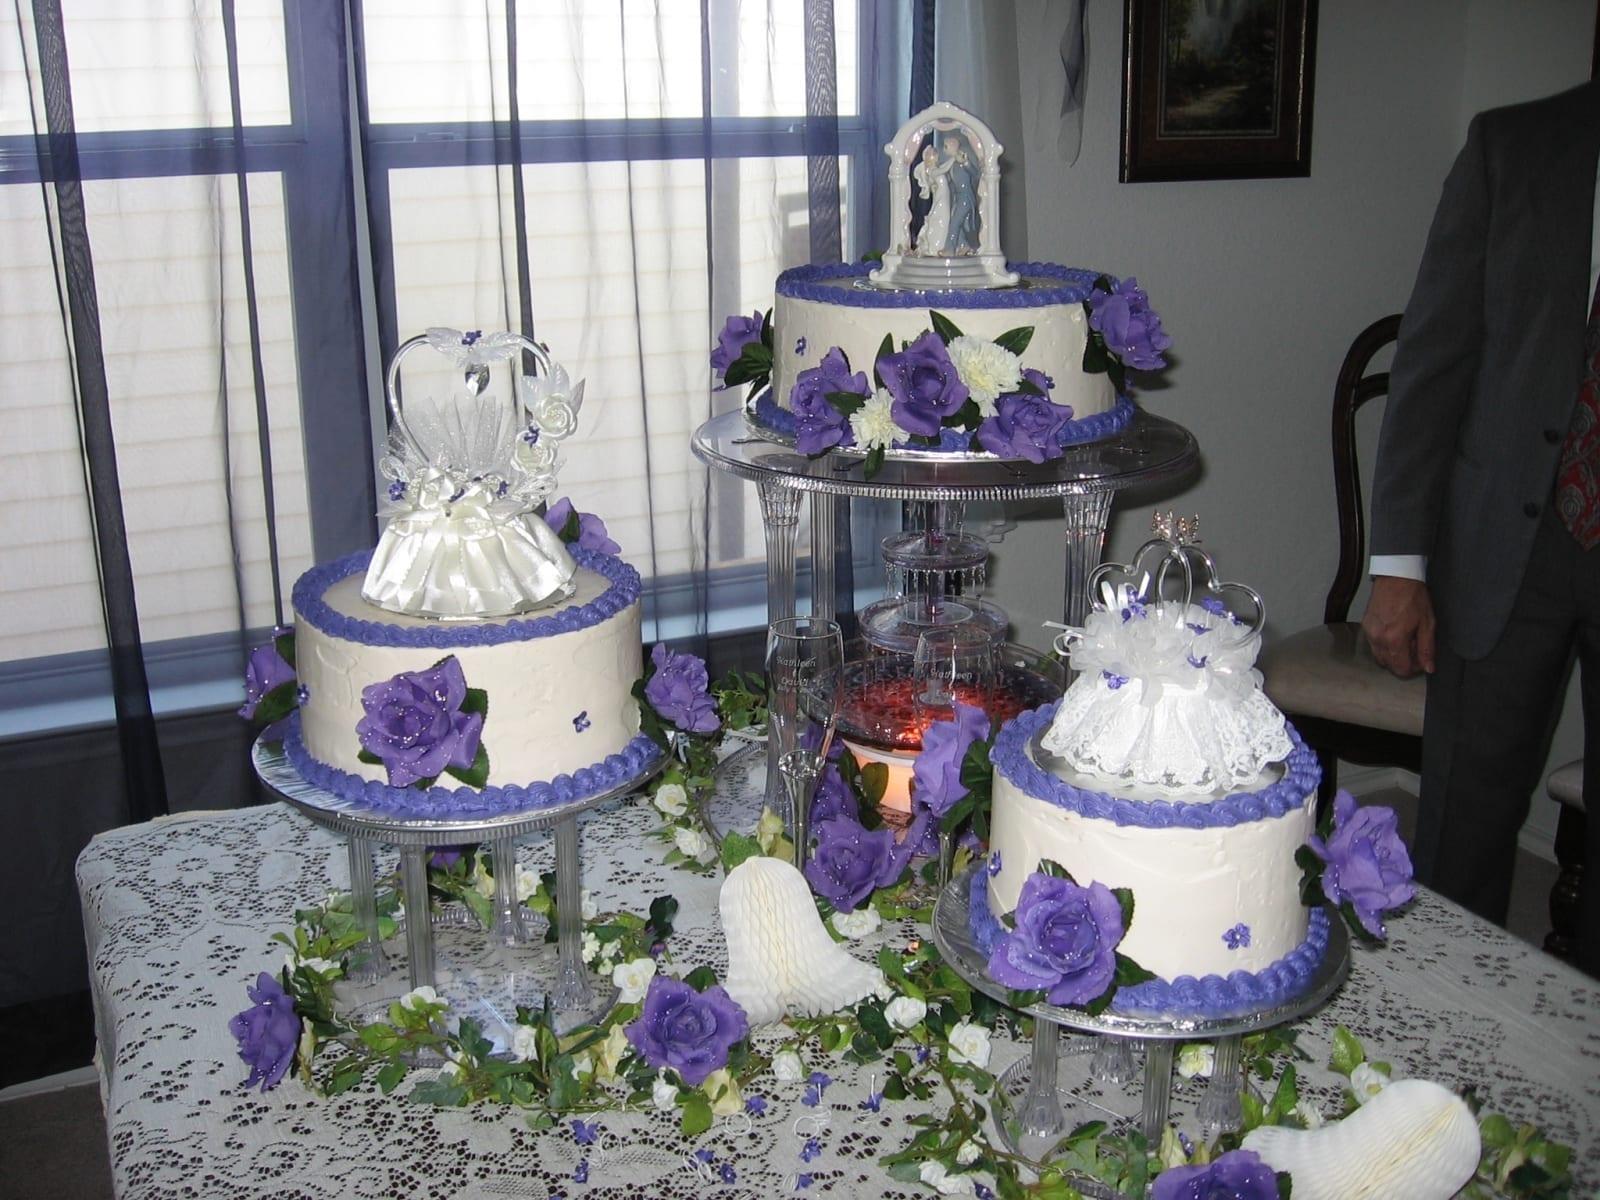 cake_theweddingcake2